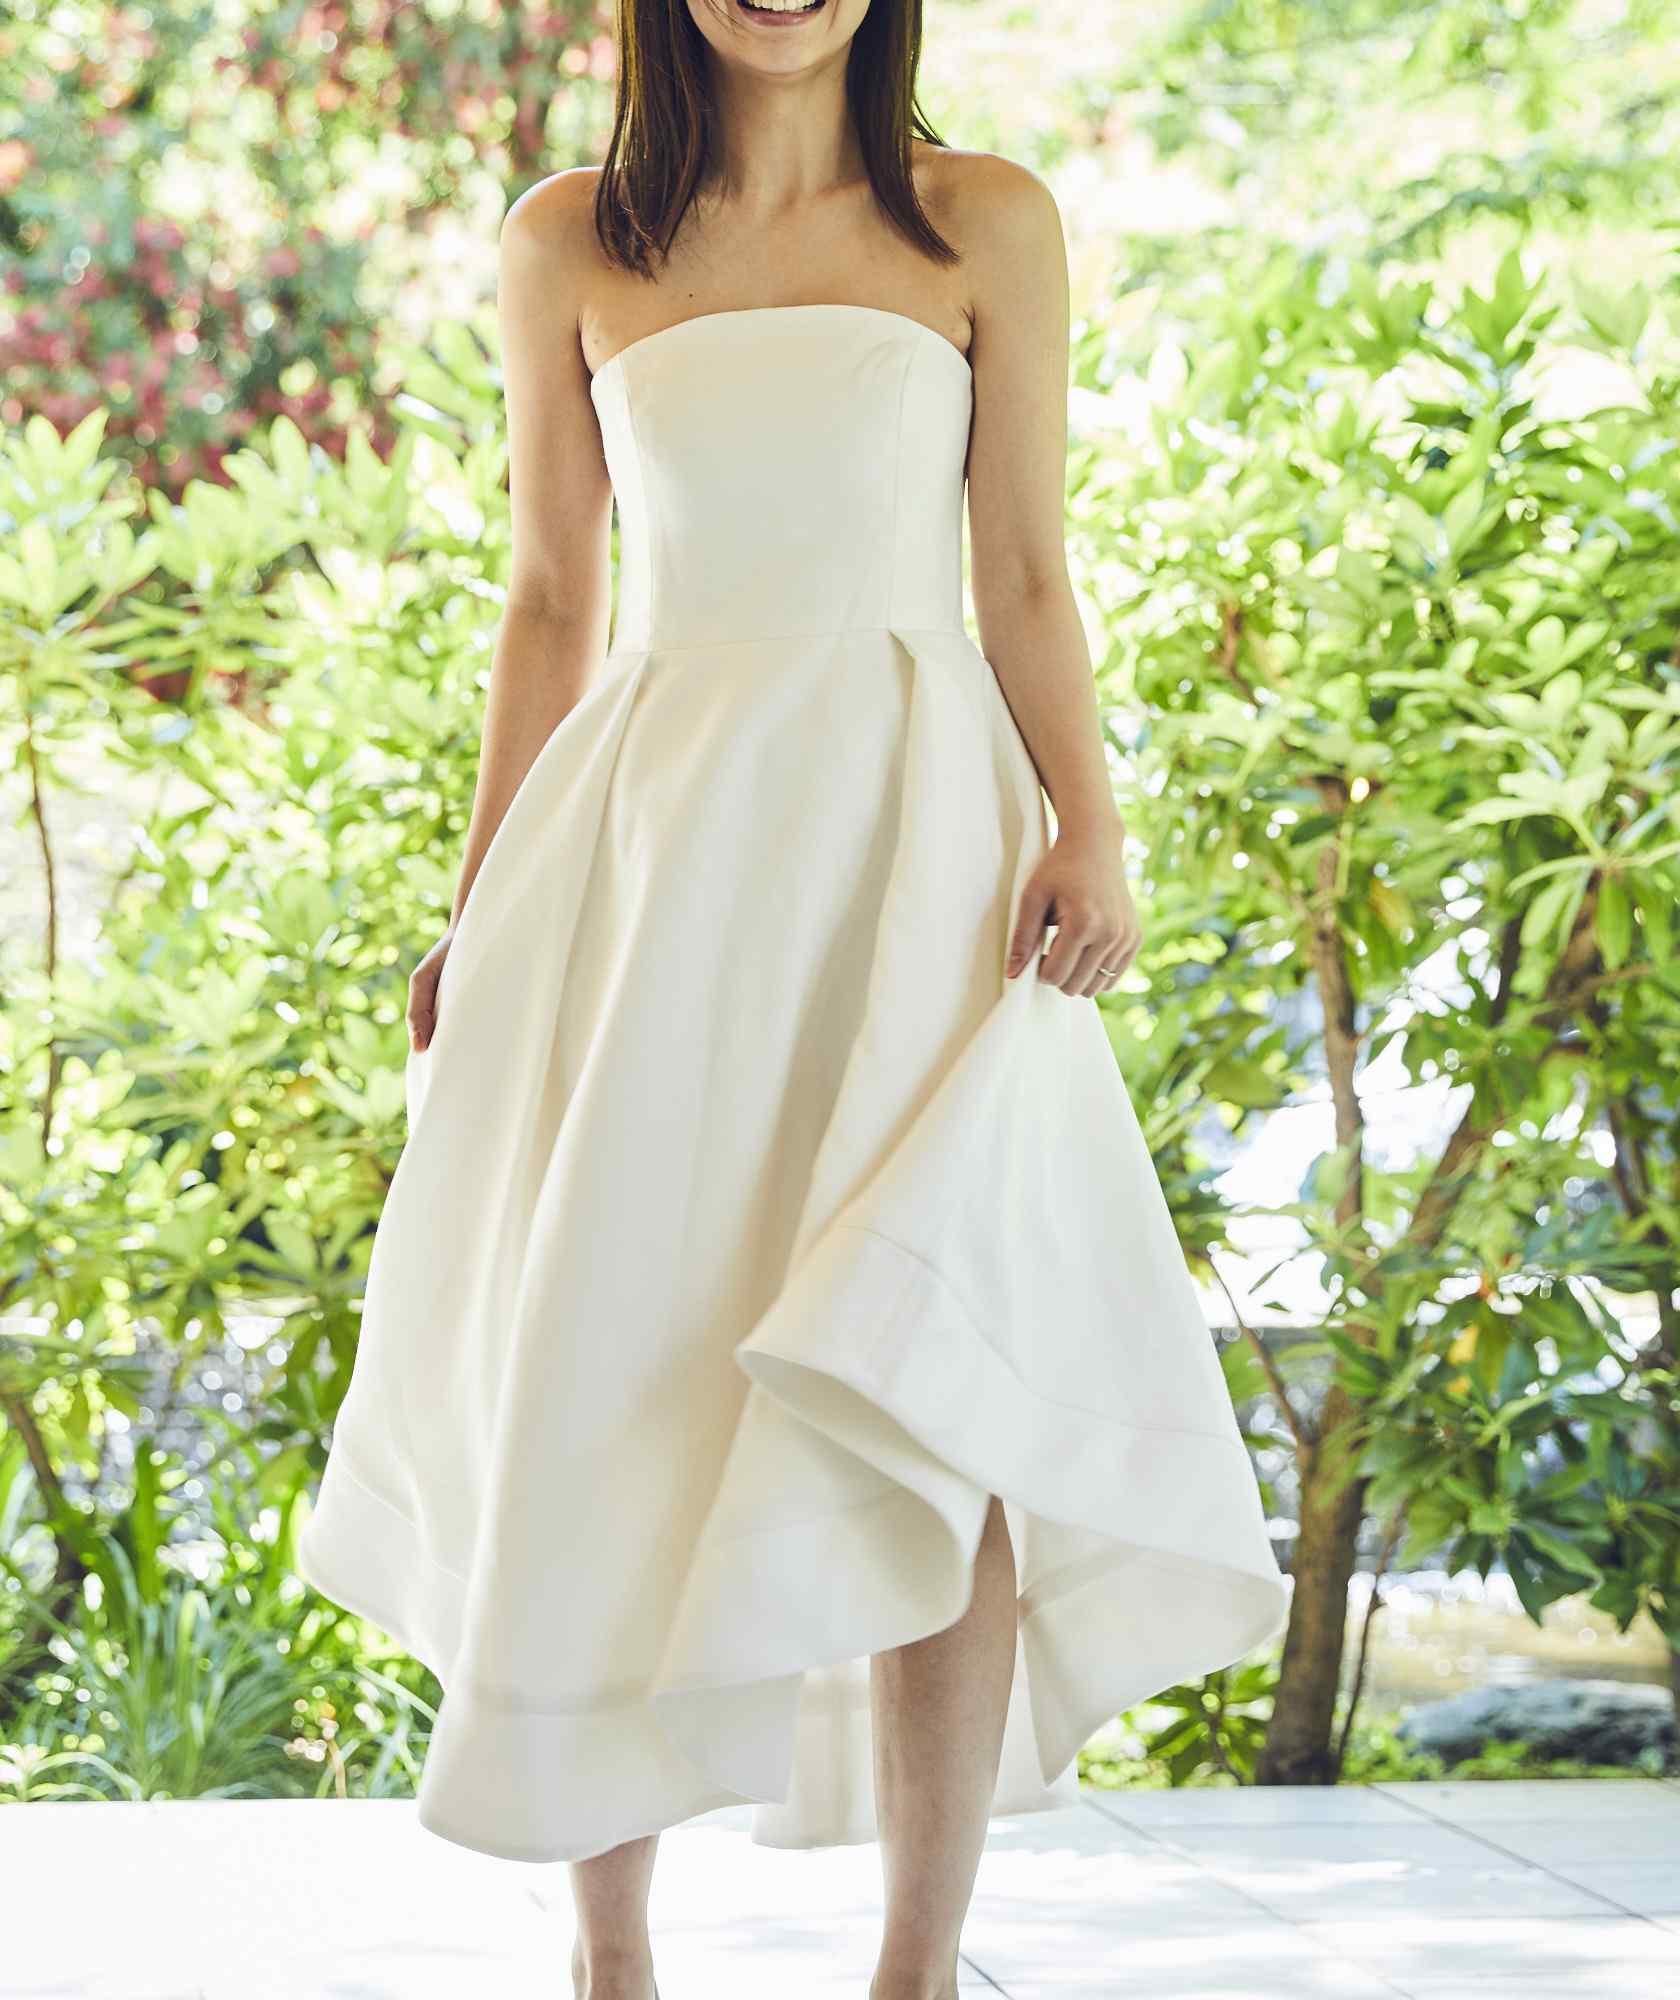 ボリュームラインカラーベアミディアムドレス-ホワイト-M